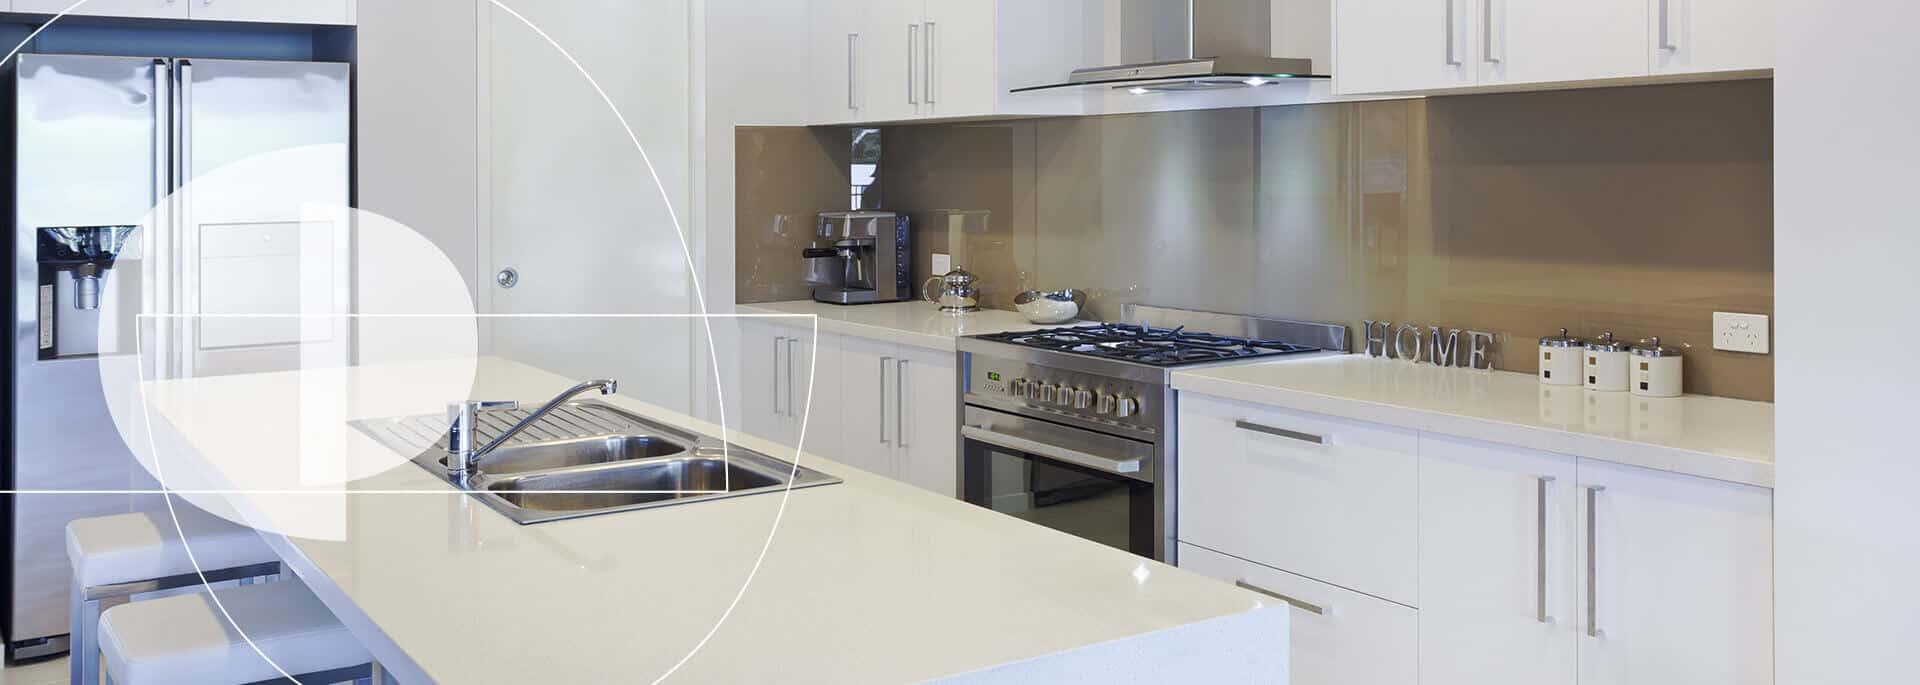 Cocinas integrales elegantes de línea alto brillo - Spacios Integrales